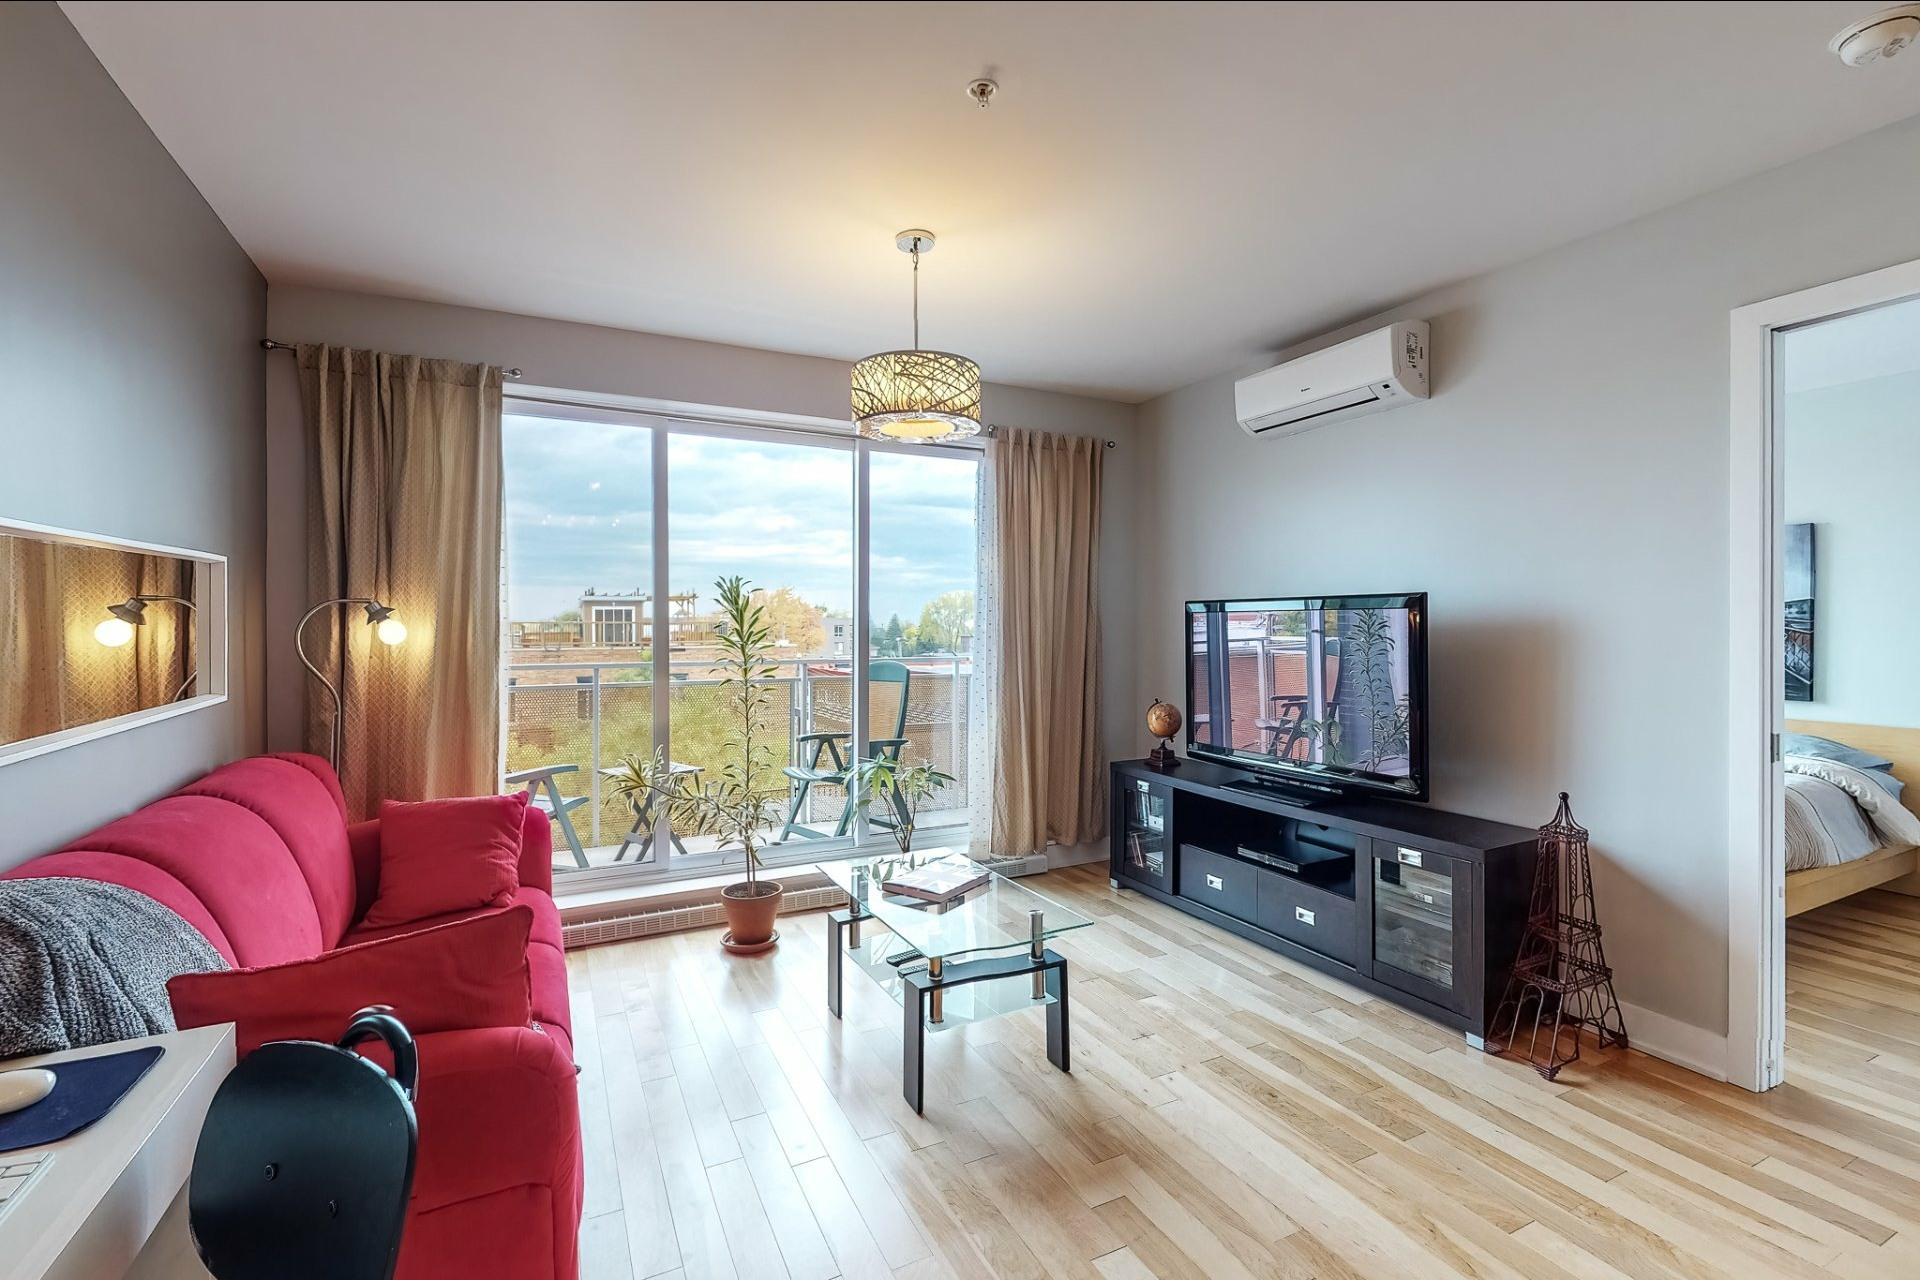 image 4 - Appartement À vendre Rosemont/La Petite-Patrie Montréal  - 3 pièces